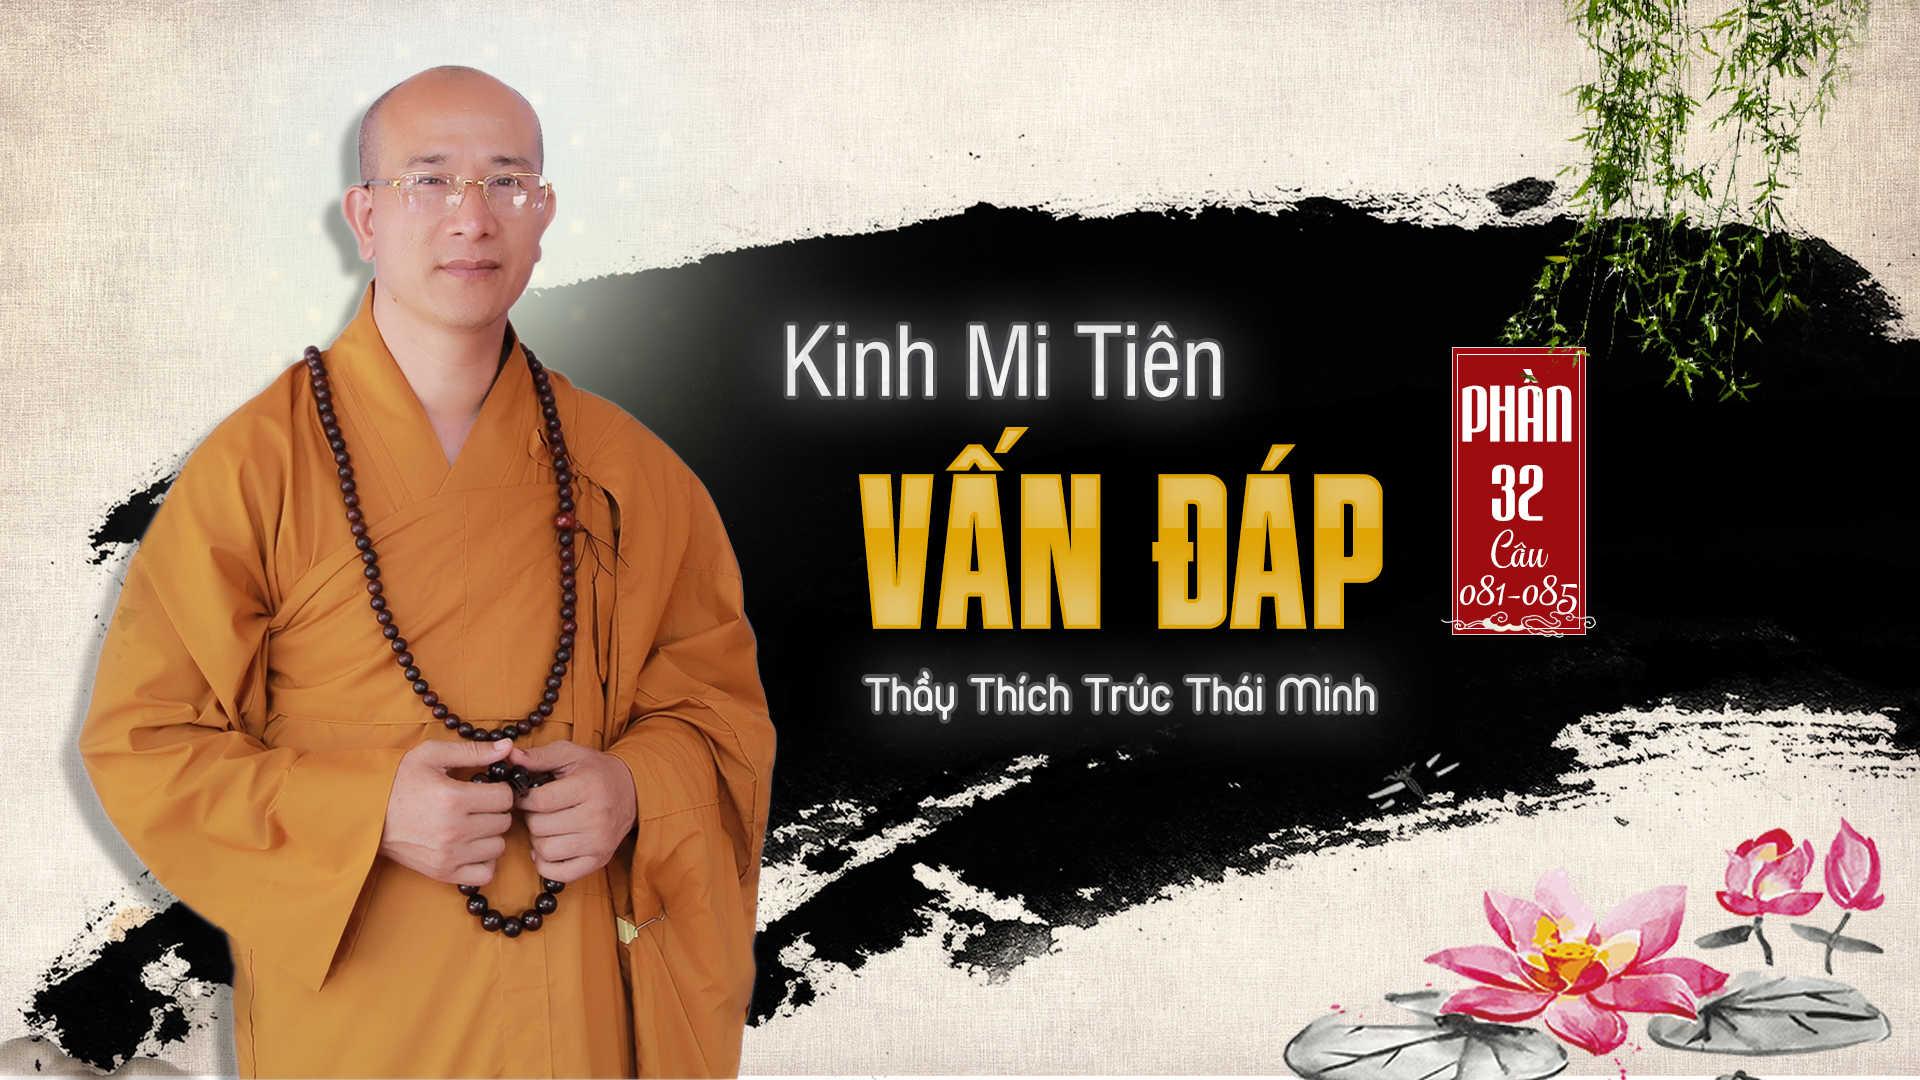 Kinh mi tiên vấn đáp phần 32 Thầy Thích Trúc Thái Minh chùa Ba Vàng.